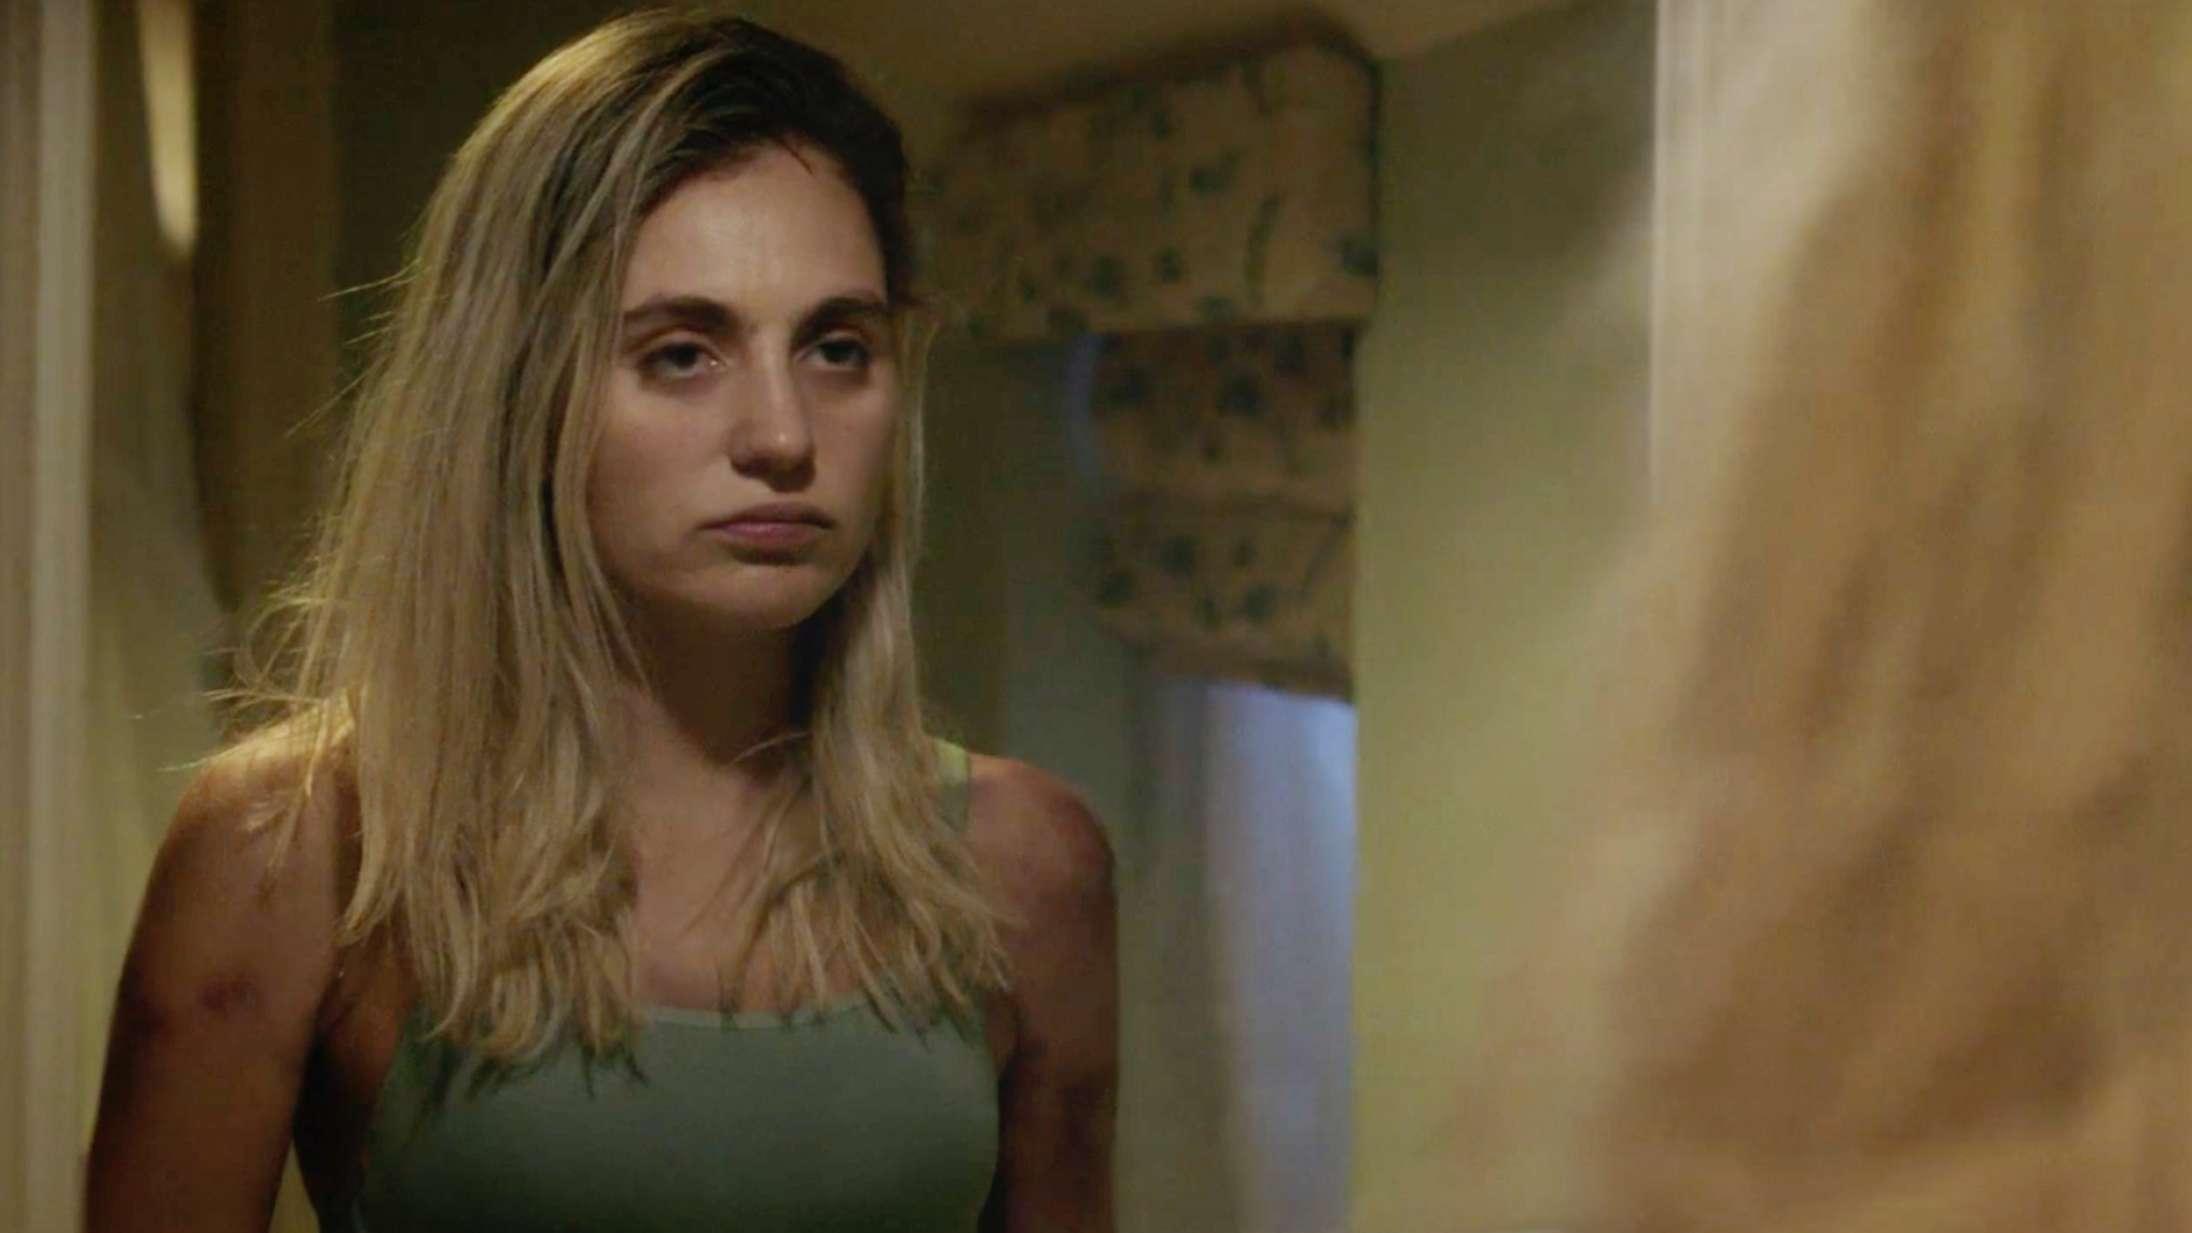 Se Victoria Carmen Sonne i traileren til den internationale thrillerserie 'Red Election'